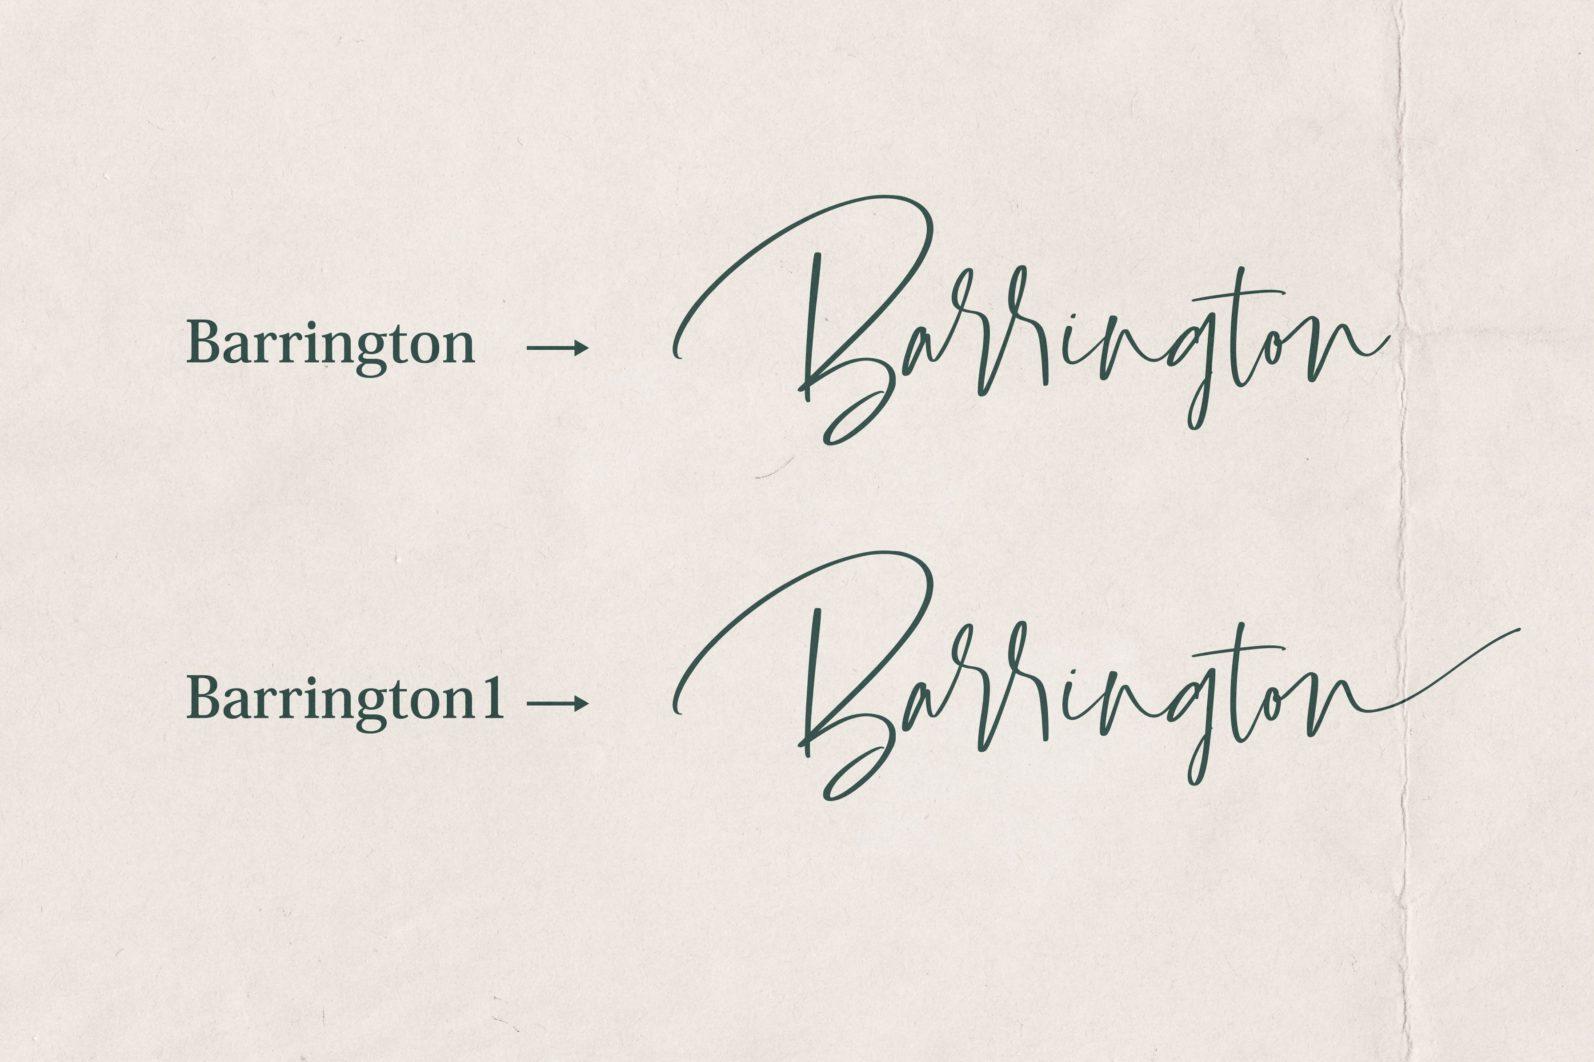 Barrington - ori 3591527 yfbg7jy0sbp3gx1s8sme05vmdfjn8od0a1r5z0dh barrington font scaled -